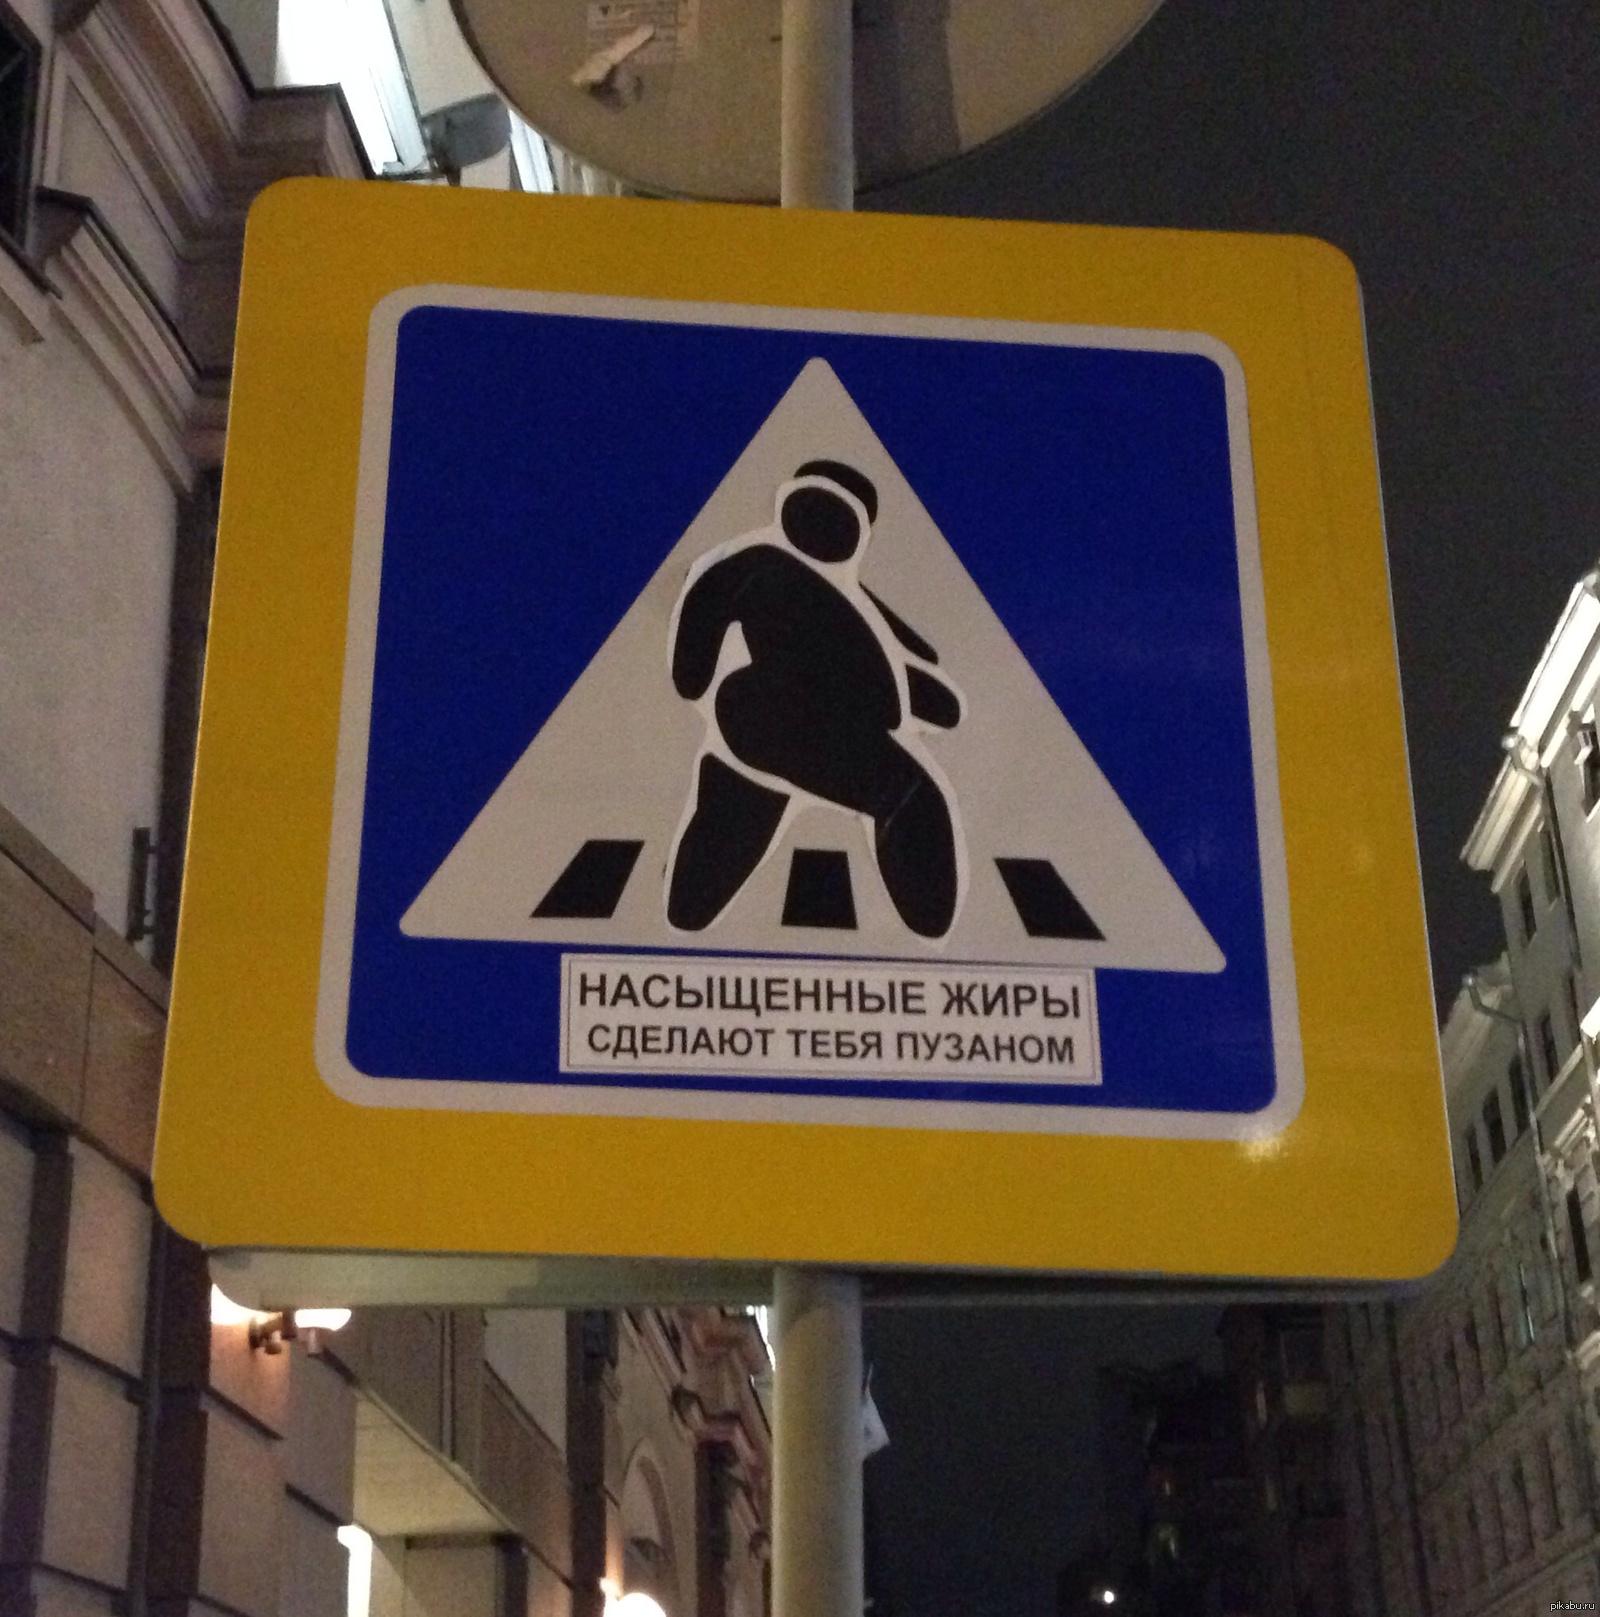 дорожные знаки с приколами картинки украина новые